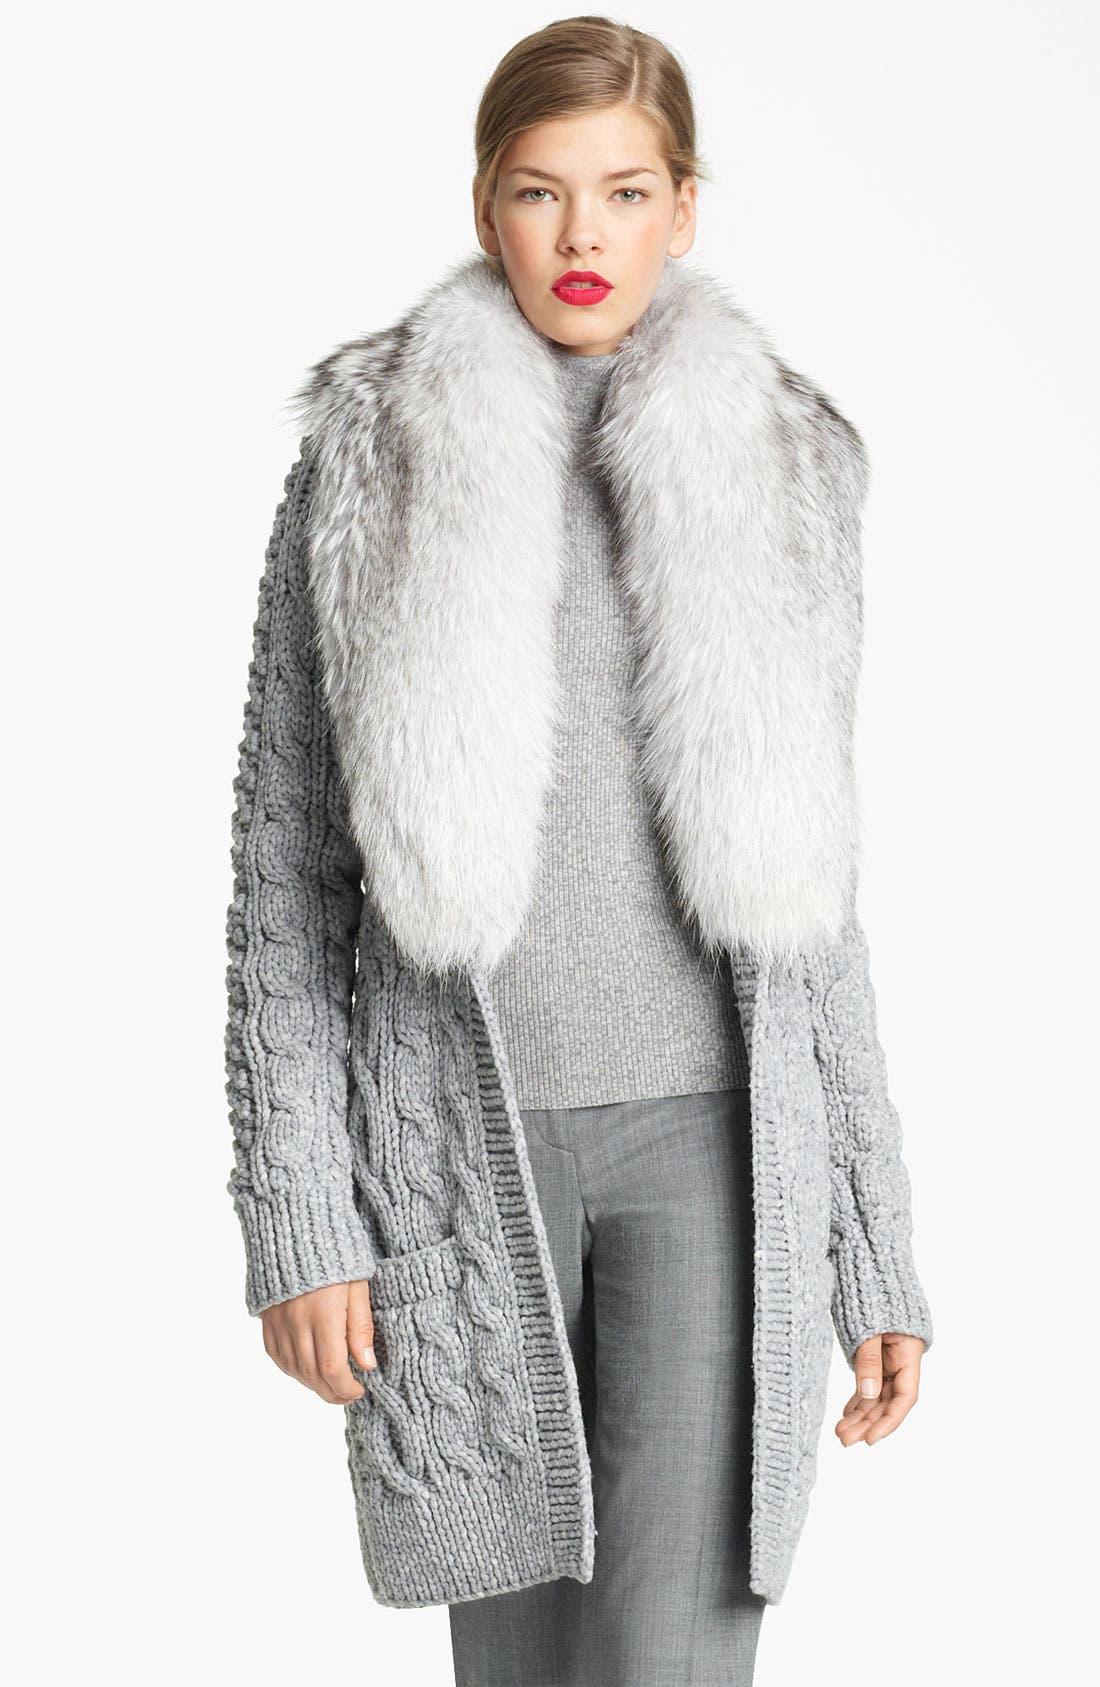 Main Image - Michael Kors Genuine Fox Fur Collar Cardigan